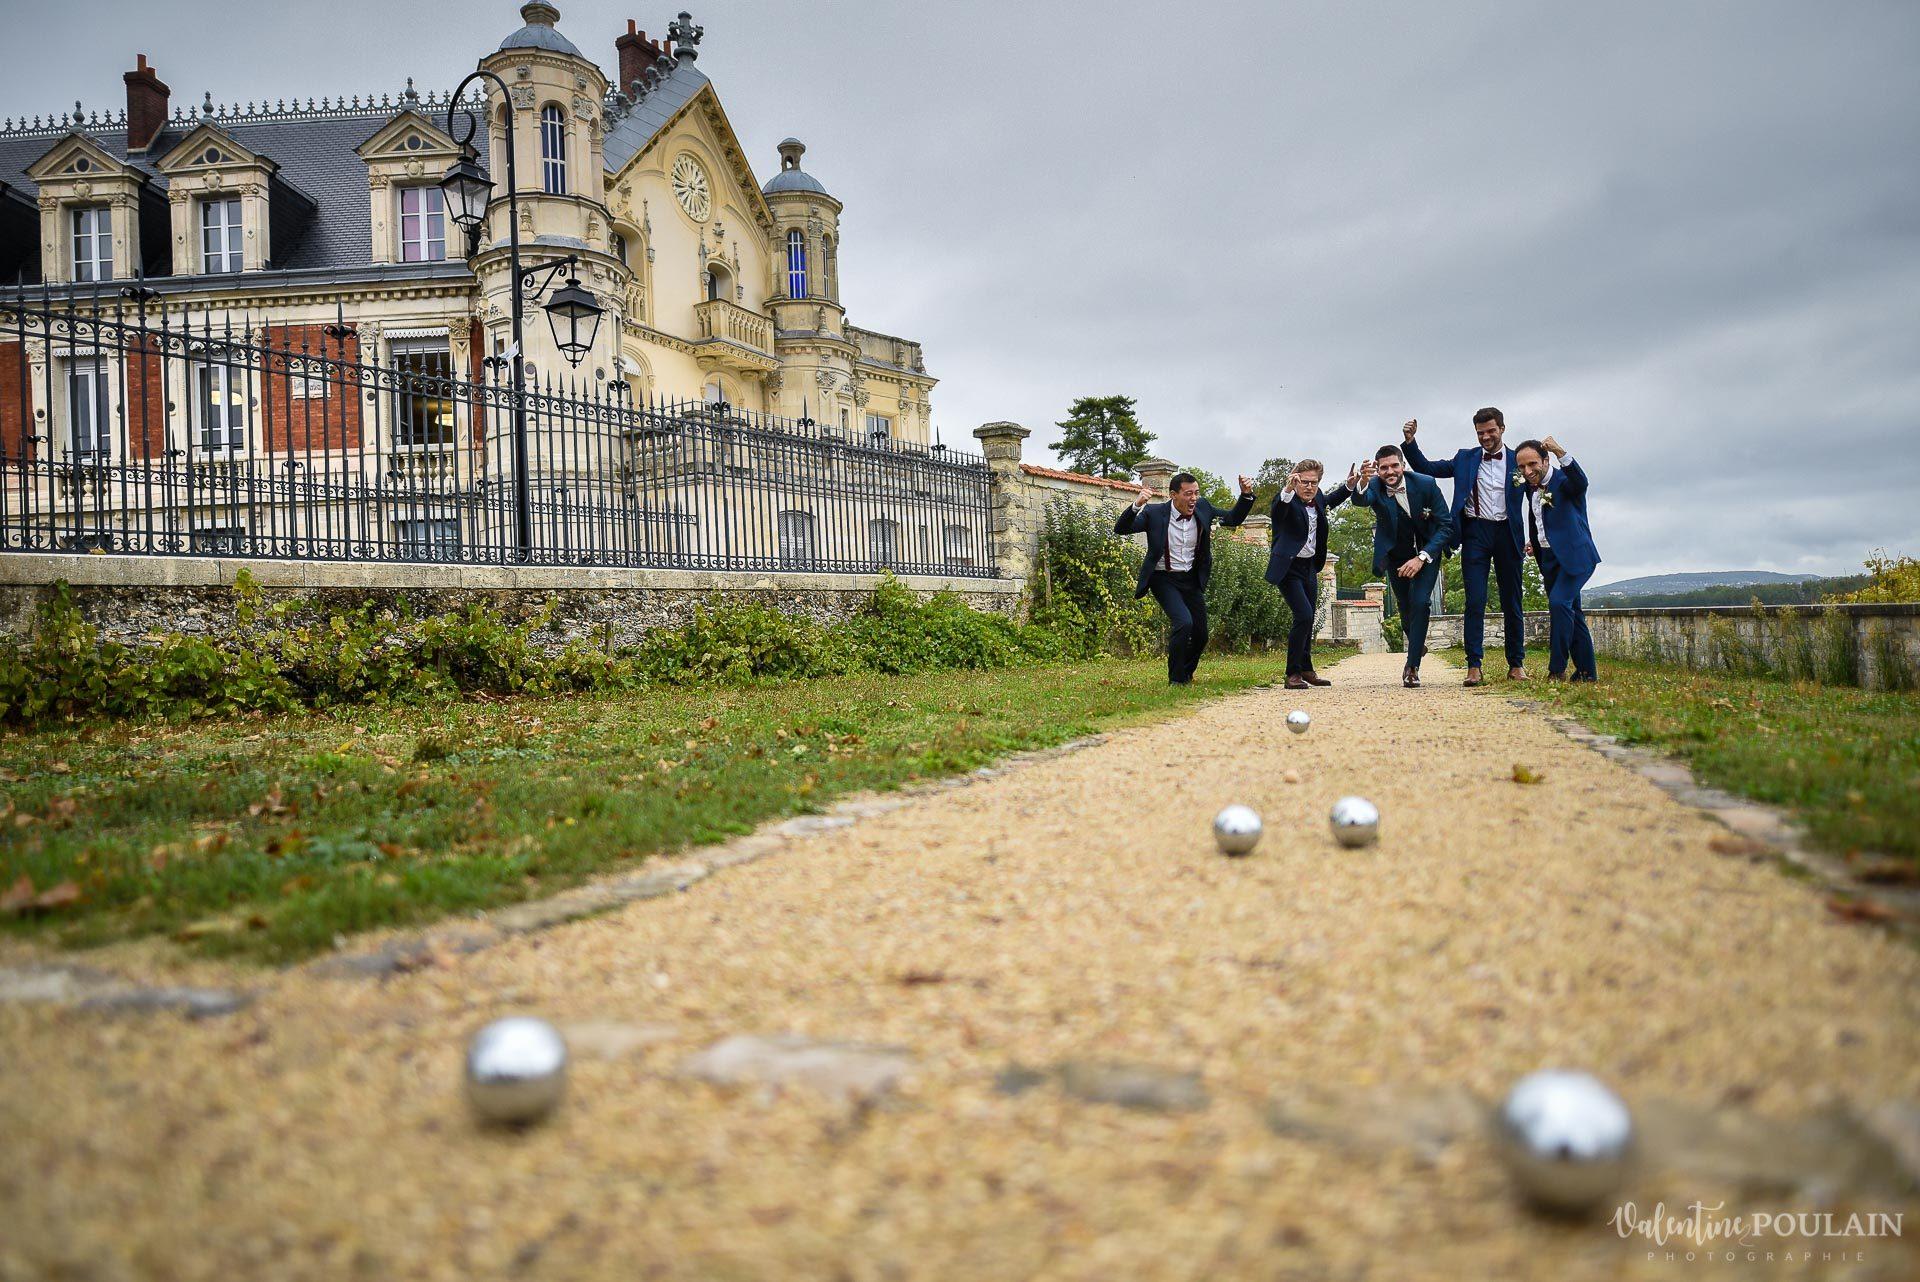 Mariage lieu insolite Paris -Valentine Poulain Domaine de Brunel Château du Prieuré pétanques